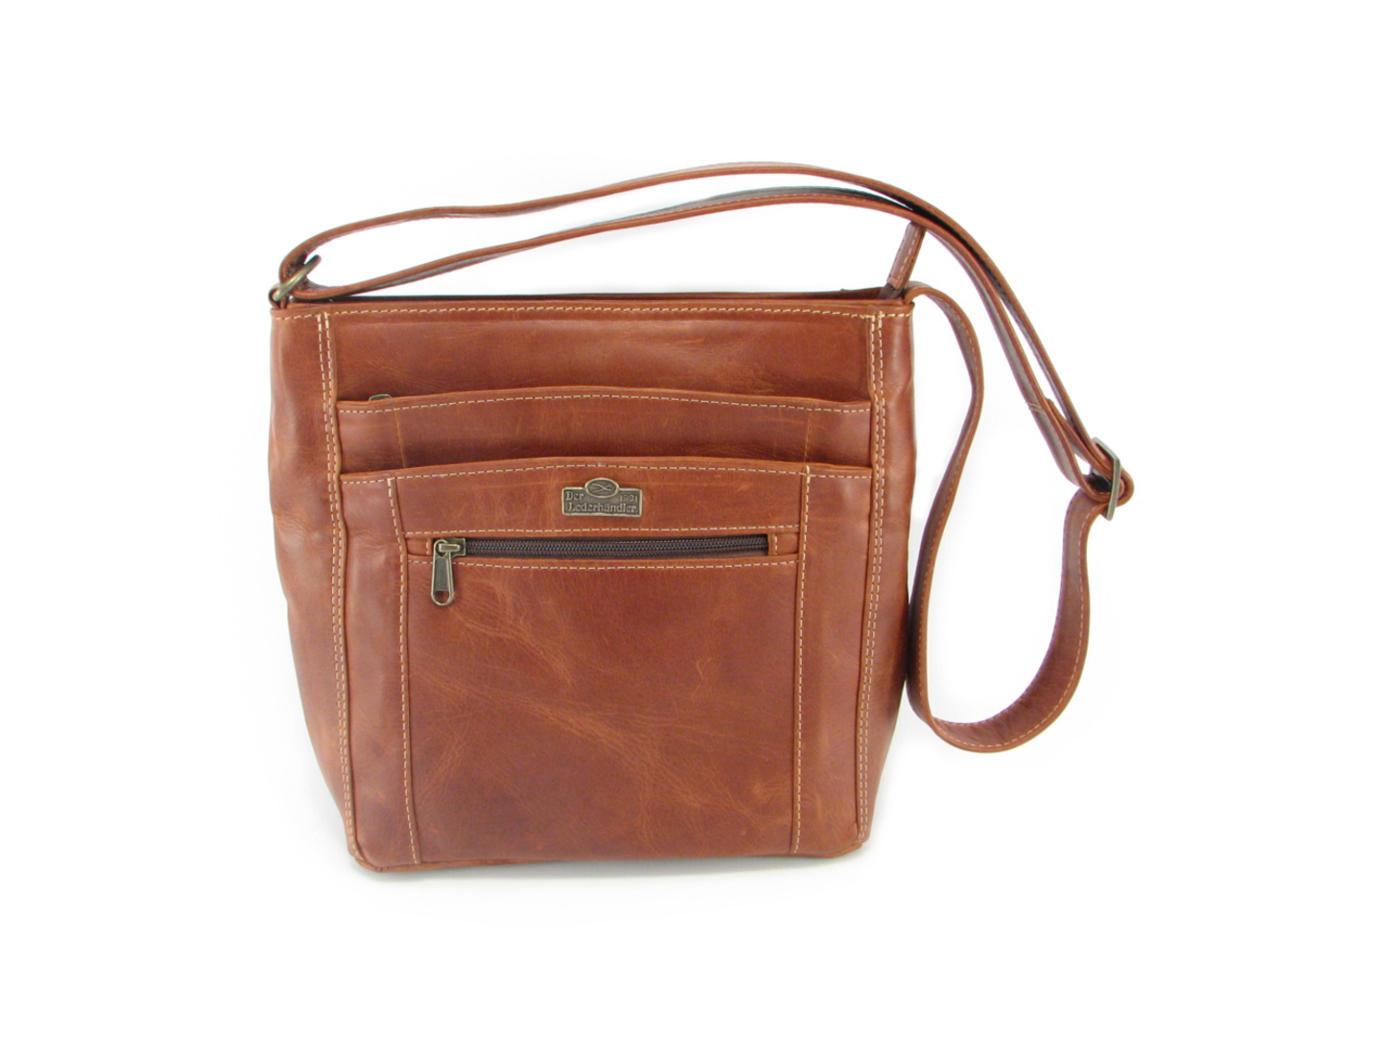 6456ae447ac1 Ladies Leather